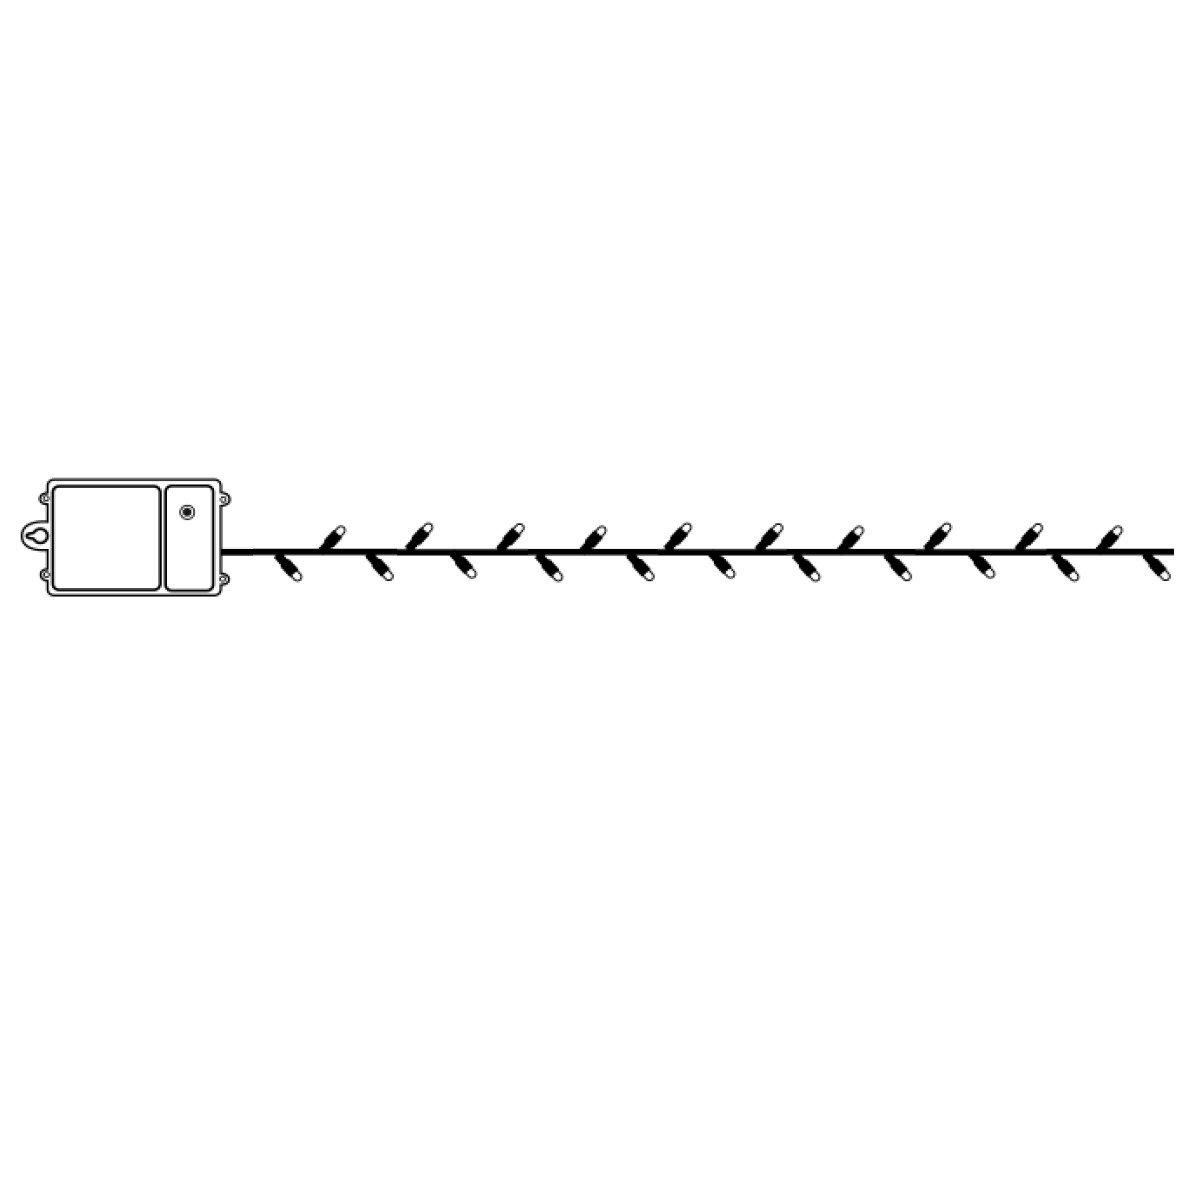 Batterie-LED-Lichterkette 40 LEDs | #2